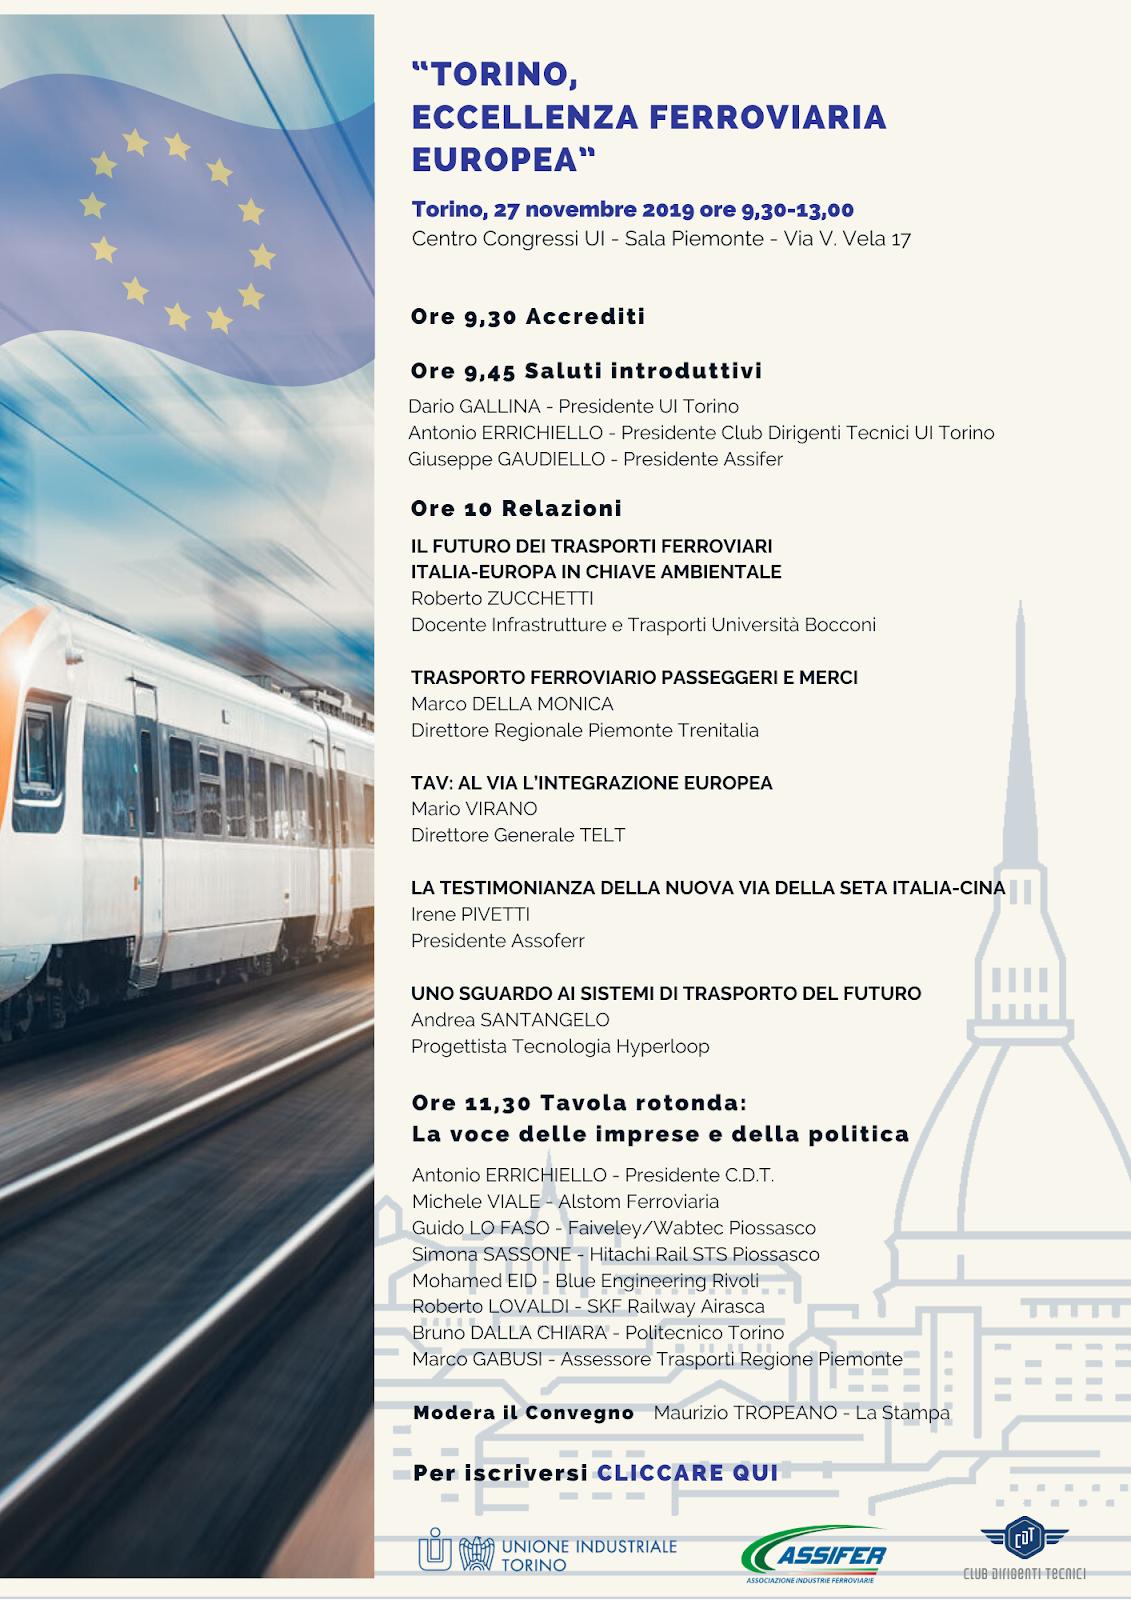 Torino eccellenza ferroviaria